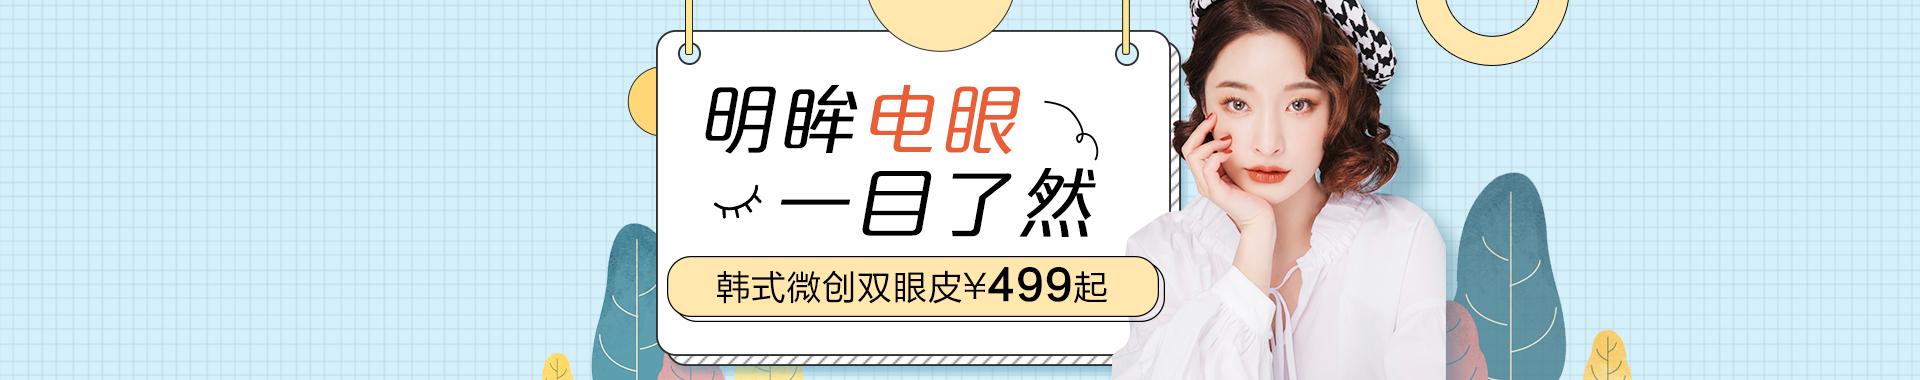 韩式微创双眼皮低至¥499